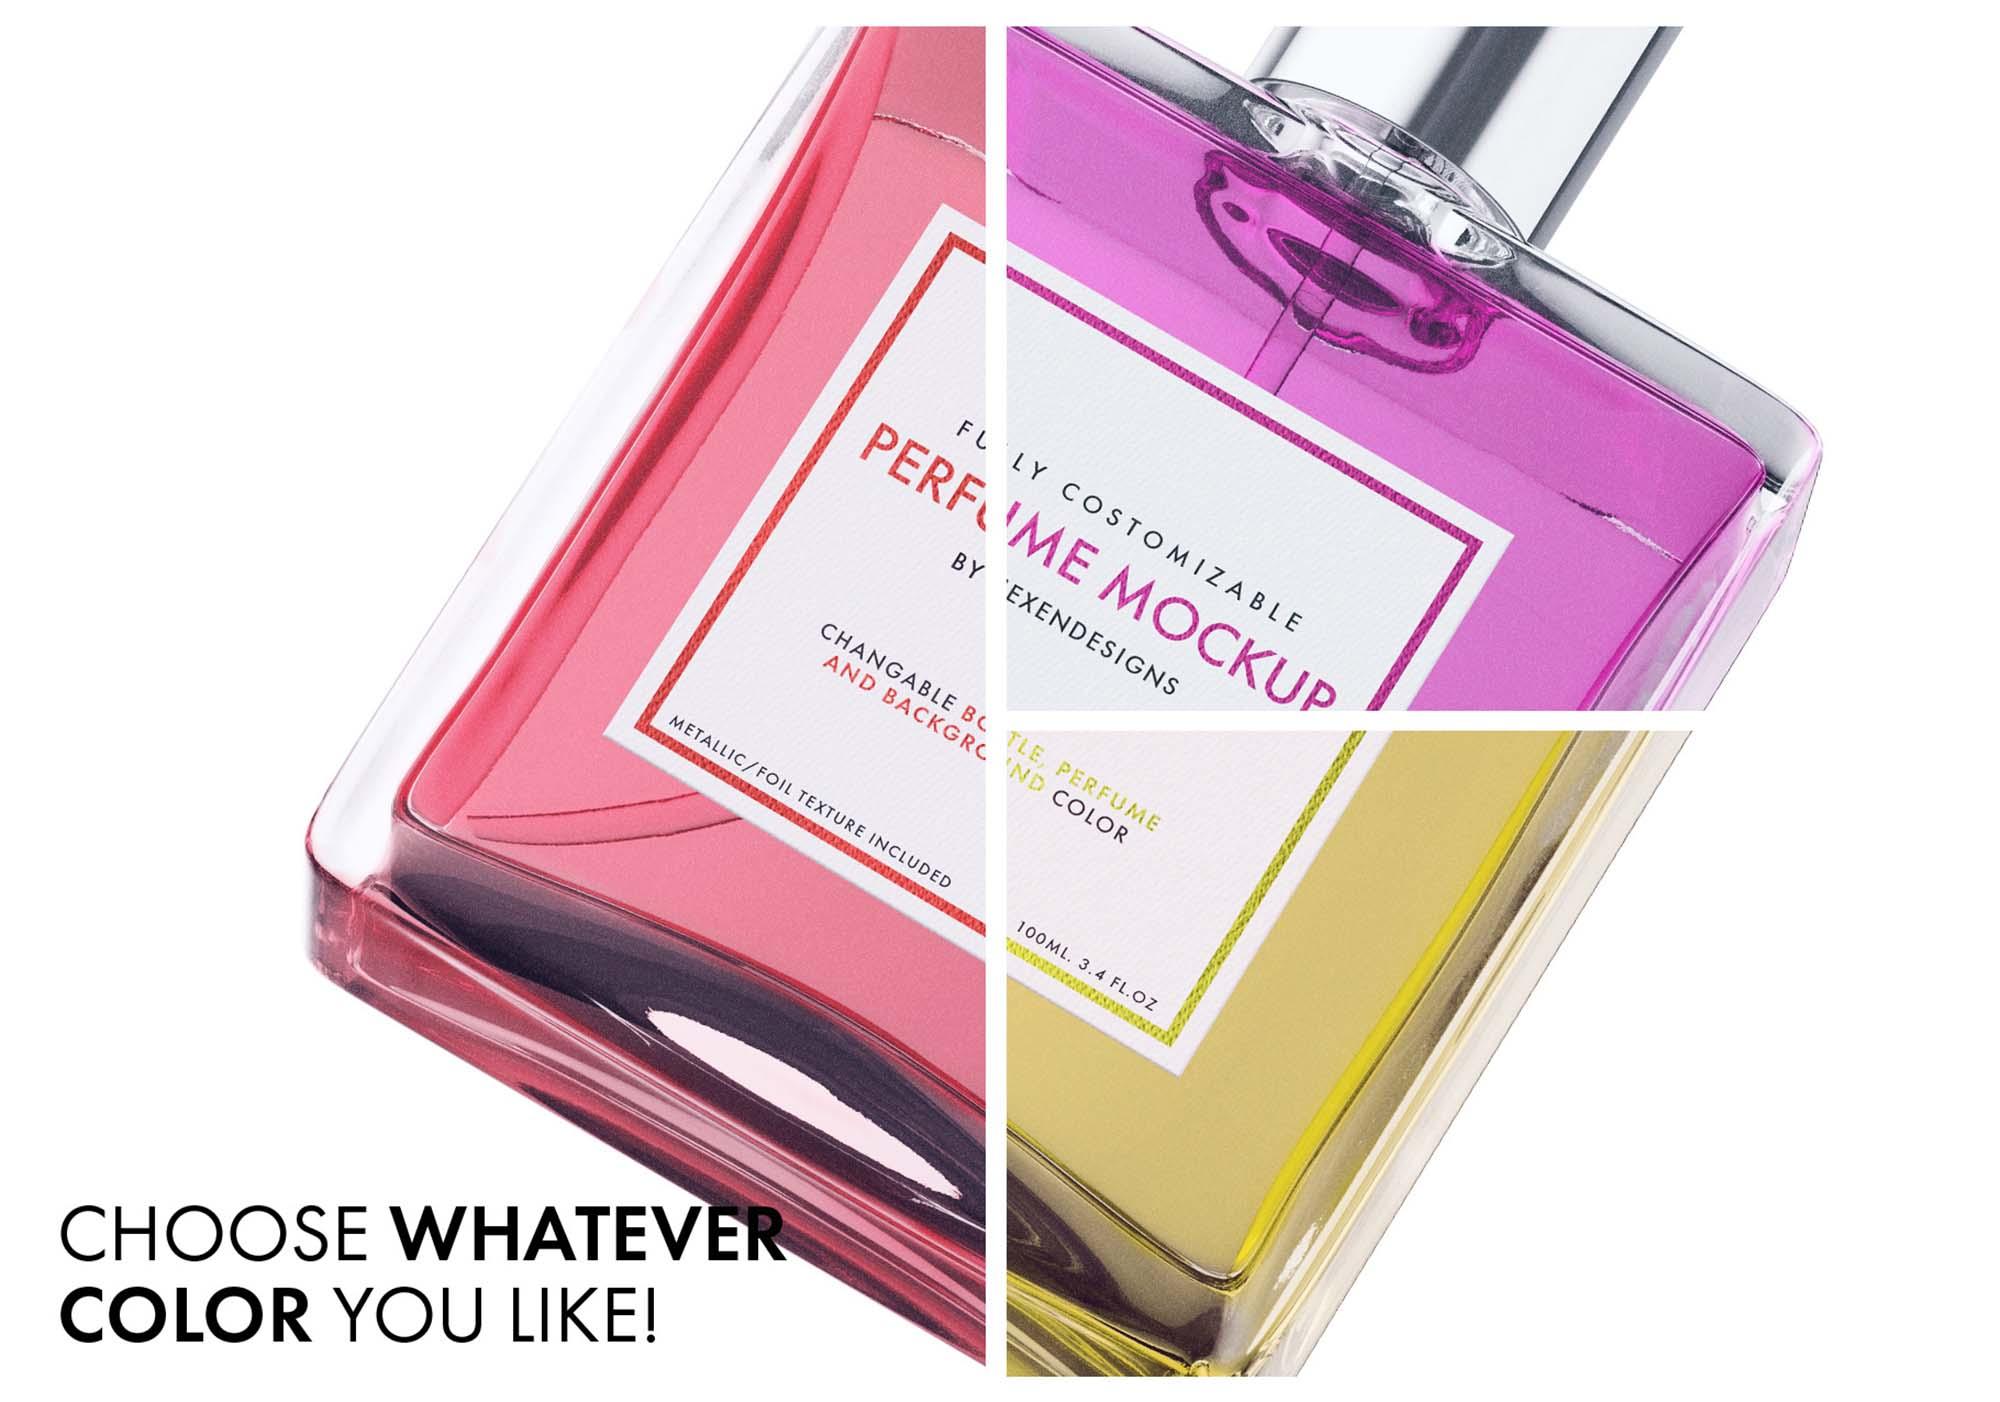 Perfume Package Mockup 8